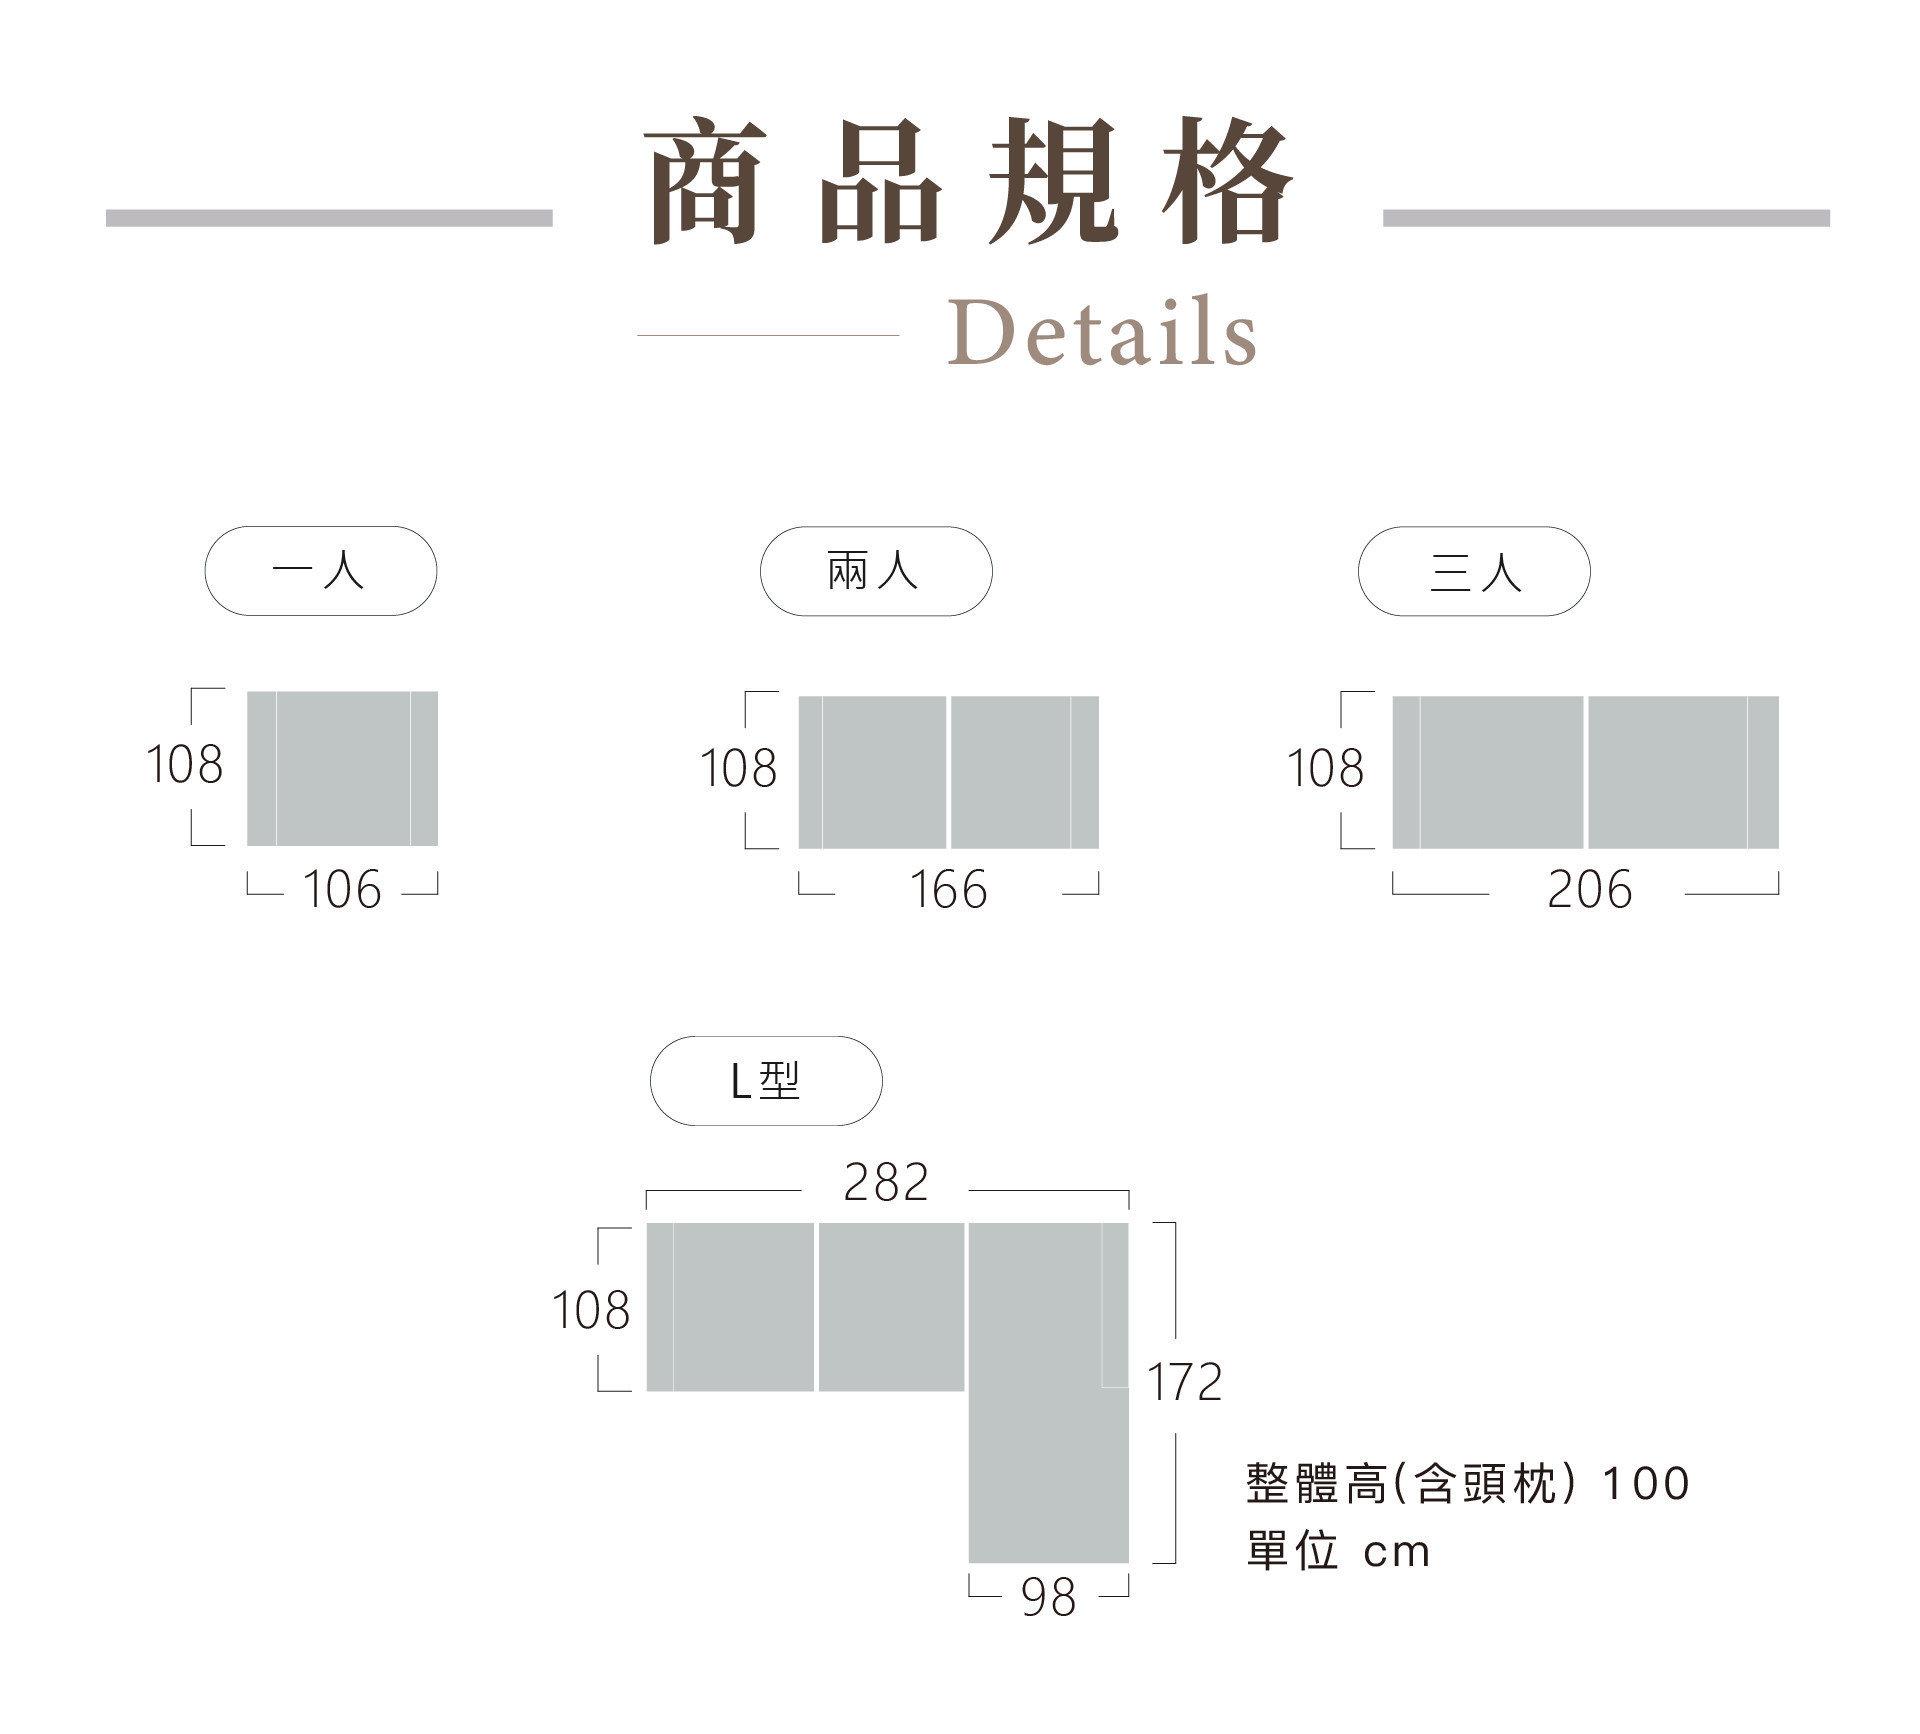 【丹尼爾沙發】商品尺寸、規格、版型參考表